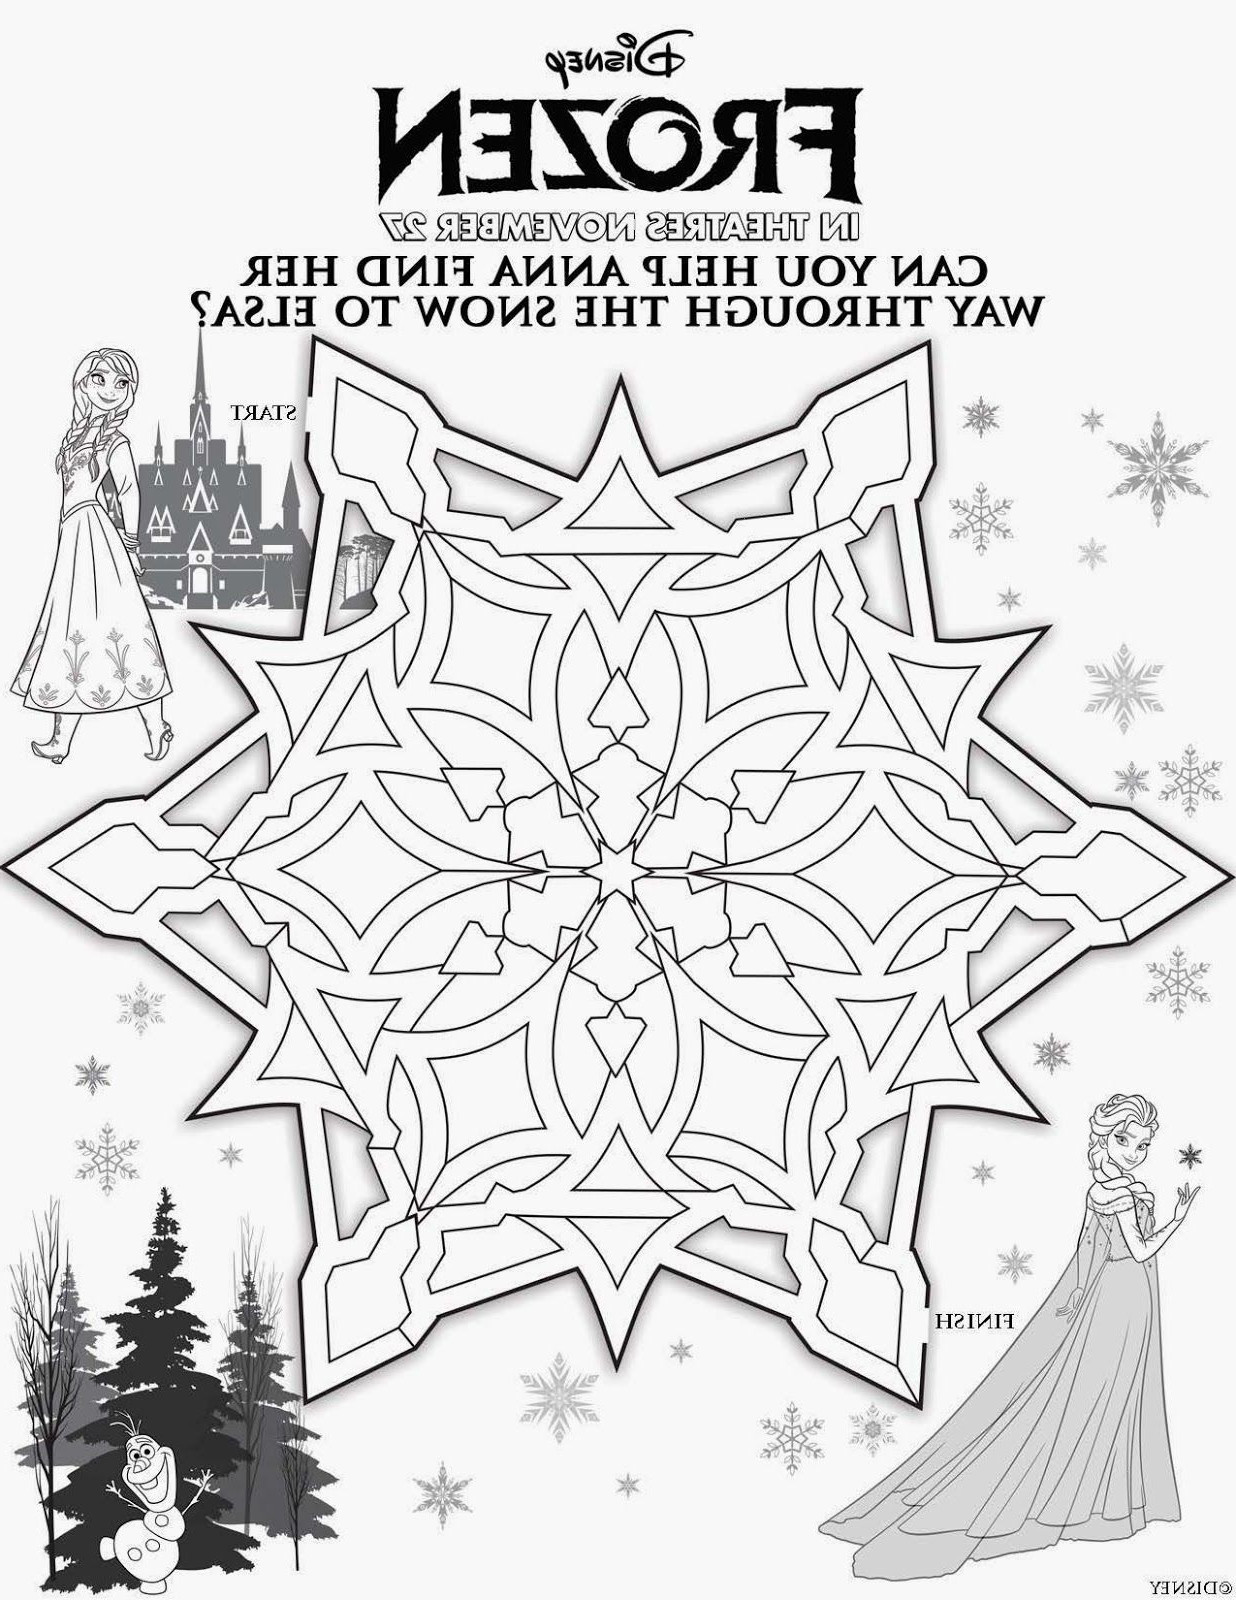 Malvorlagen Elsa Und Anna Genial 35 Fantastisch Ausmalbilder Elsa Und Anna – Malvorlagen Ideen Fotografieren